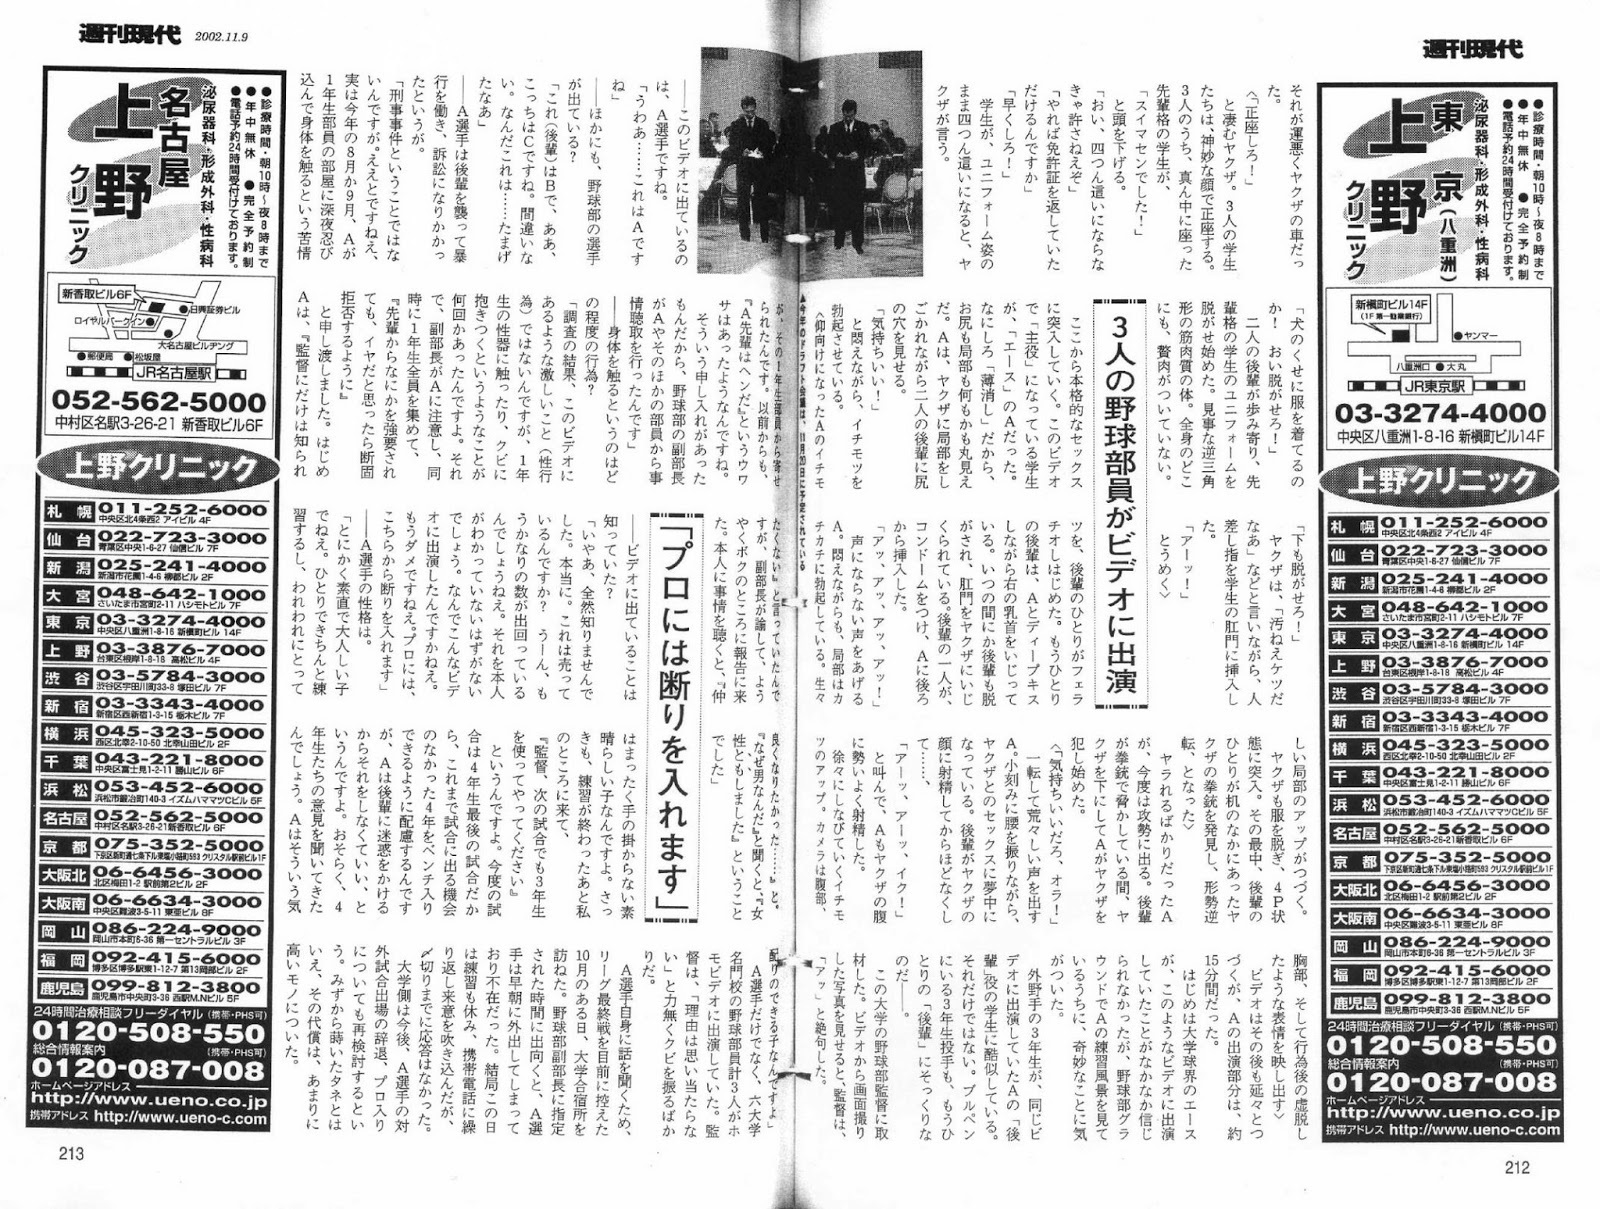 ⑨【アジア大会】買春バスケの橋下拓哉が変態ホモゲイビデオに出演していた!TDN!